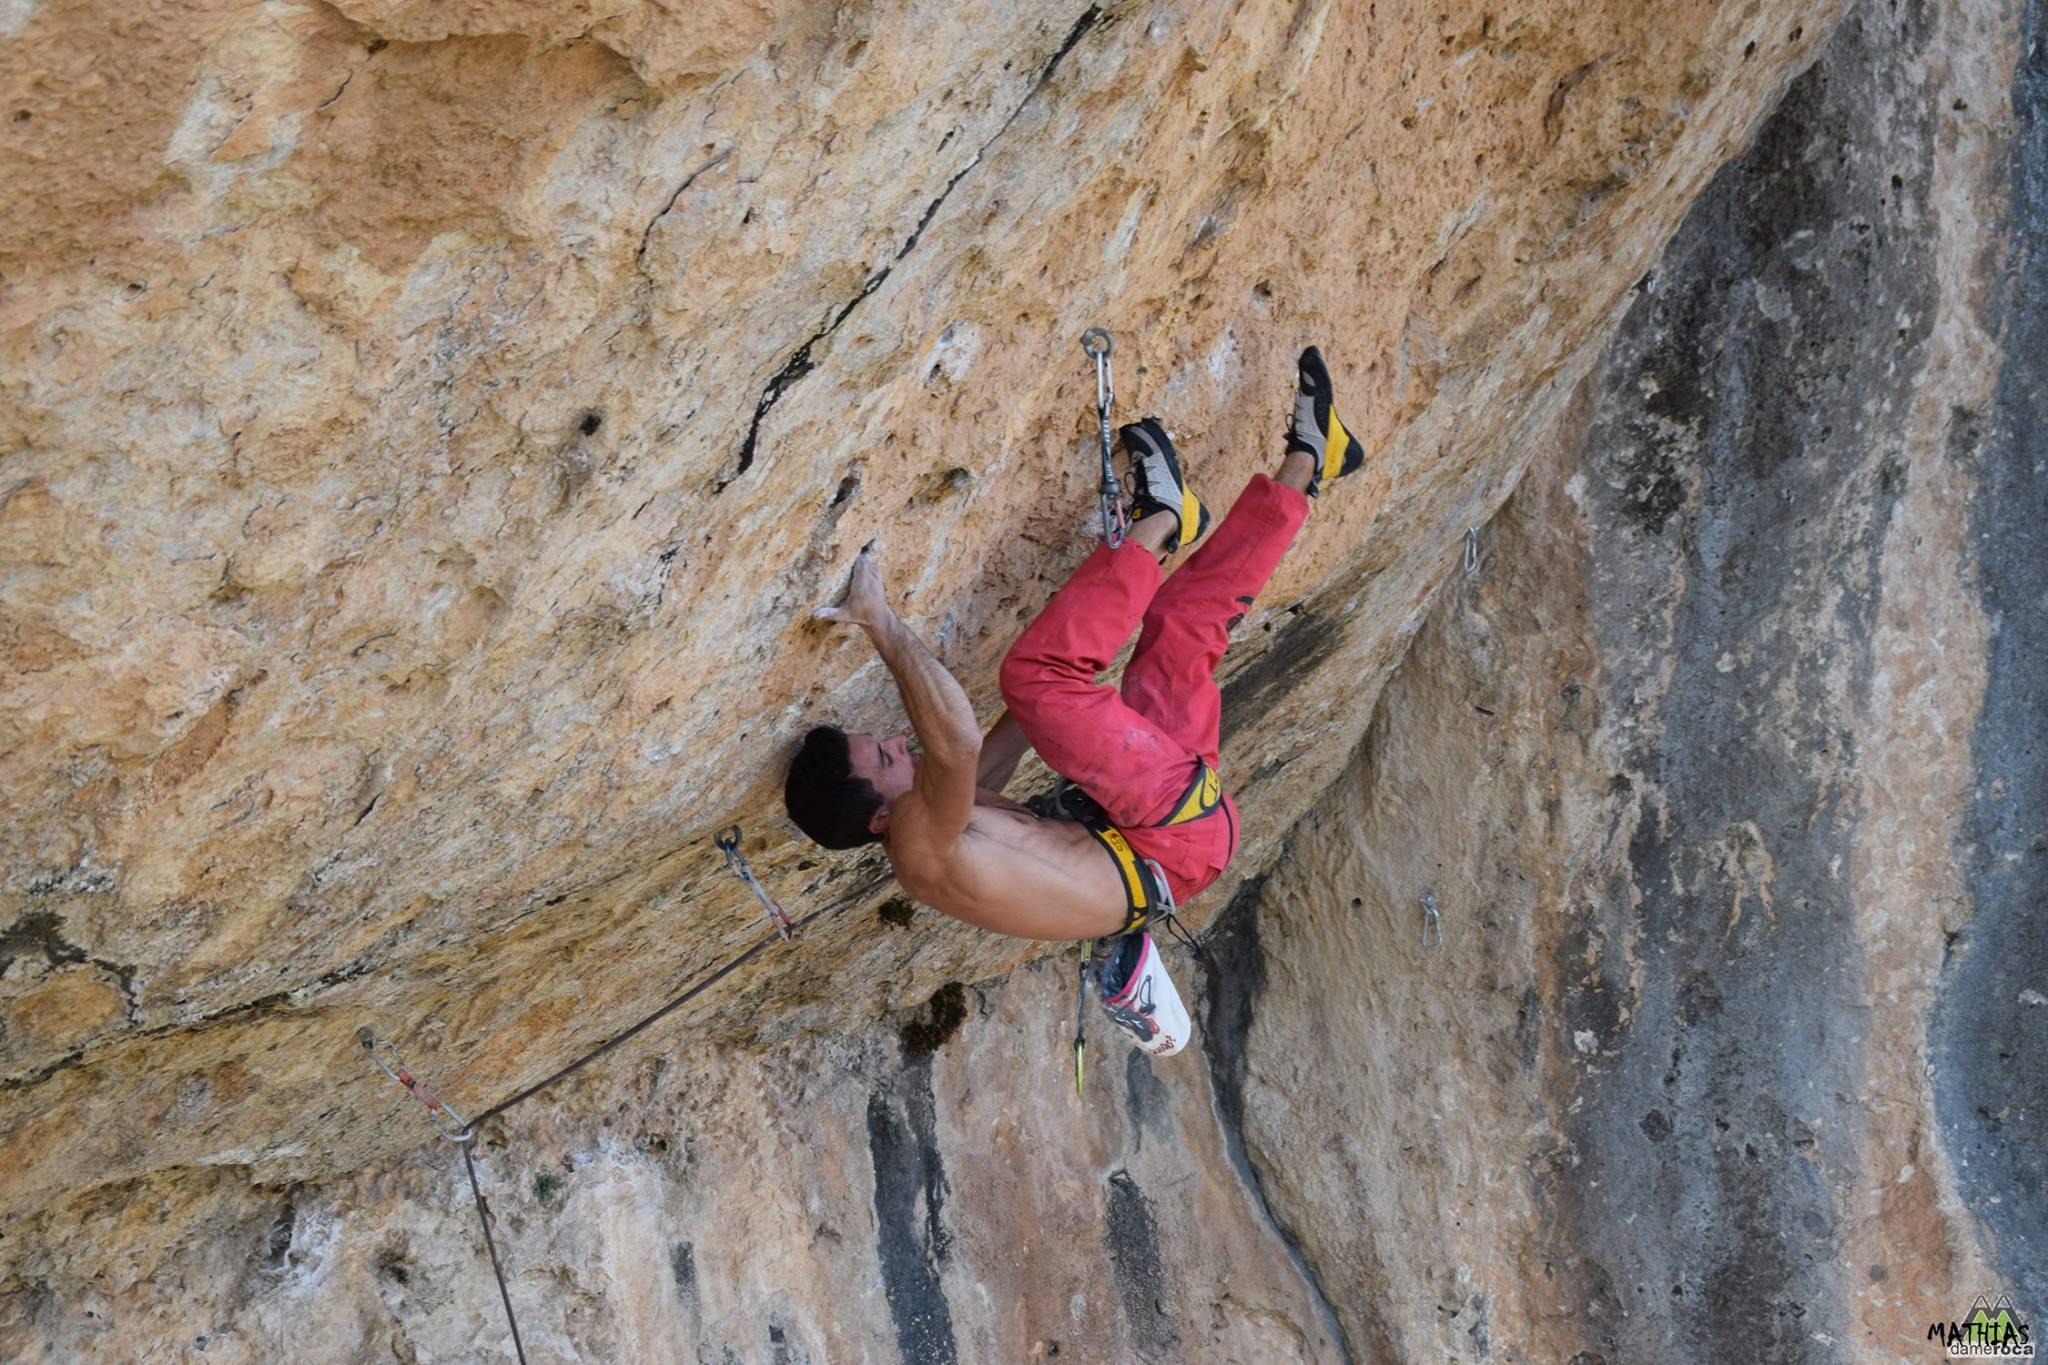 'kymi' de la peña en Palestina. Cuenca. Foto: Mathias Castaño